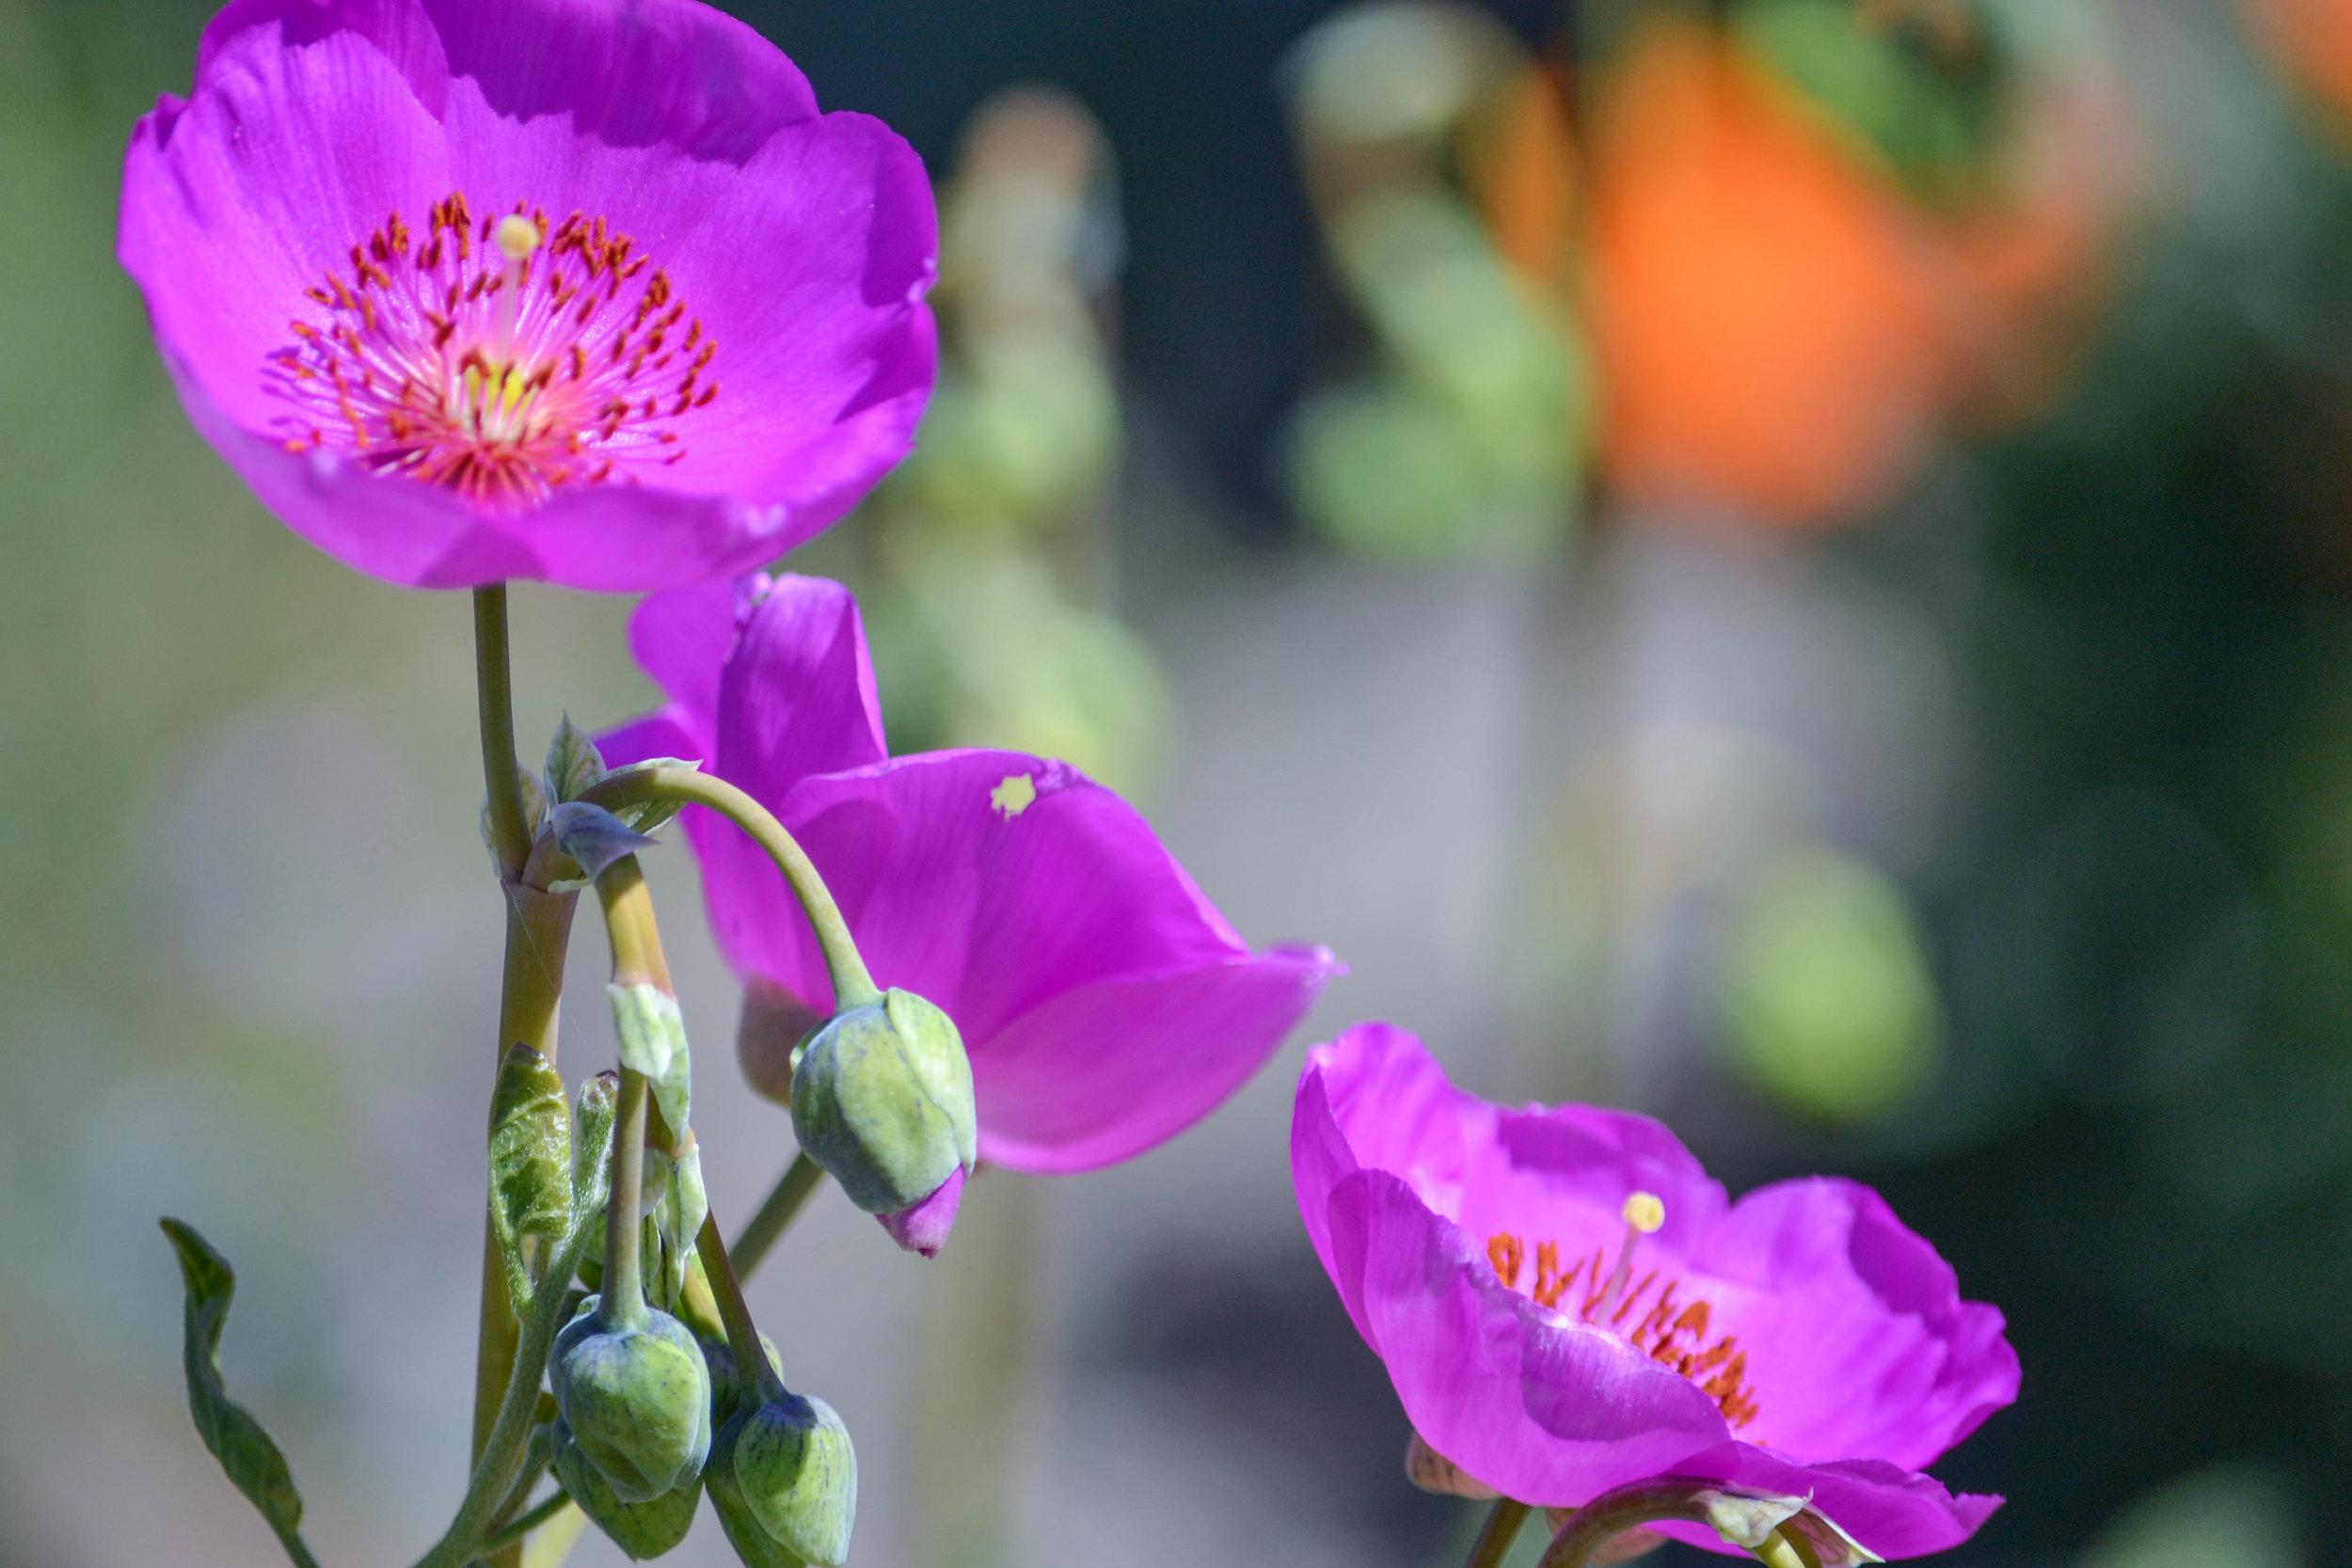 bri rinehart; nature; flower; photography